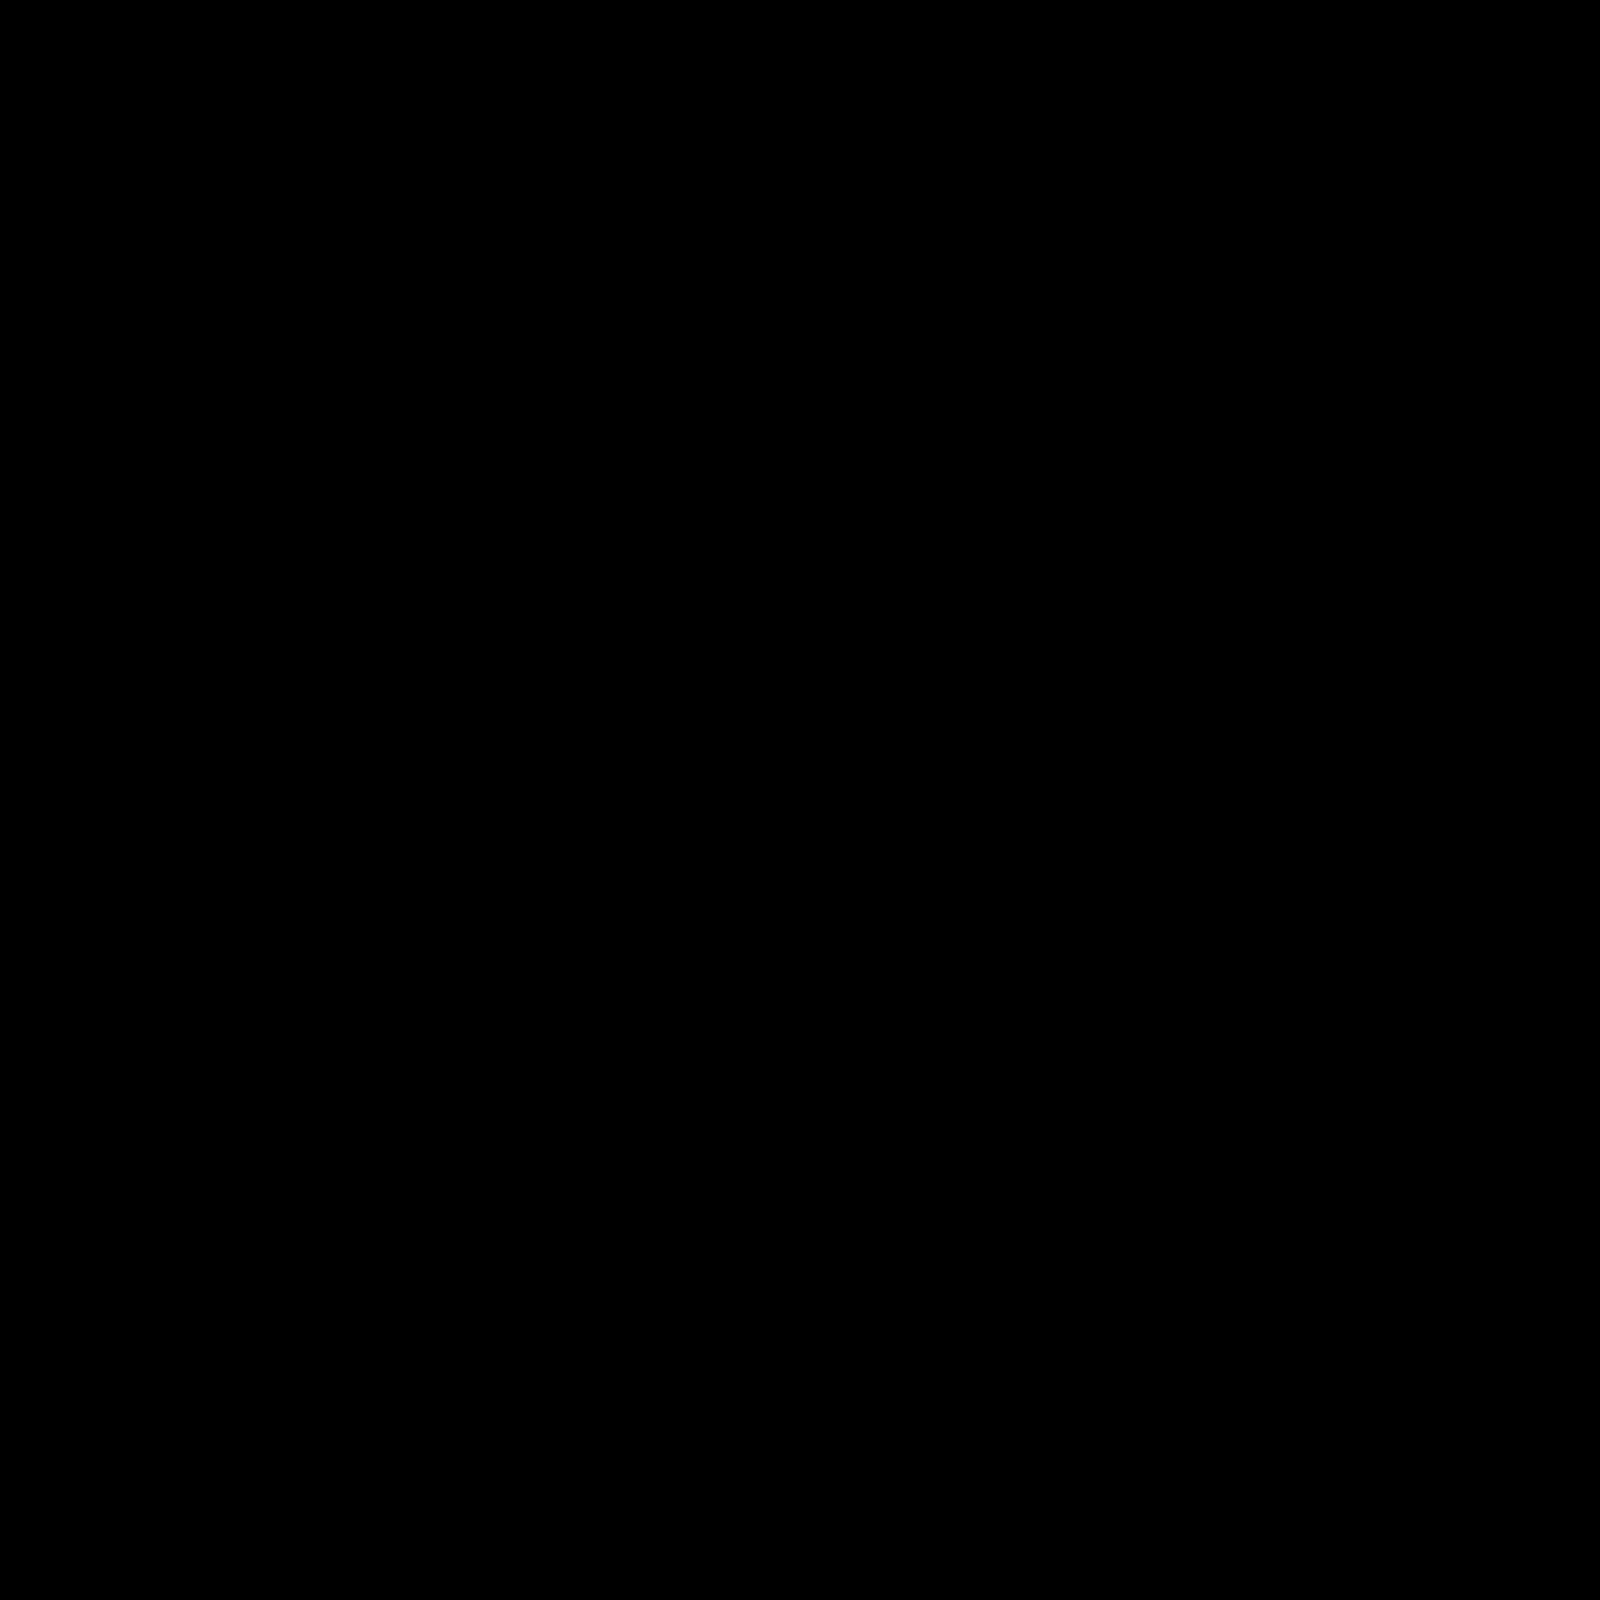 Łabędź icon